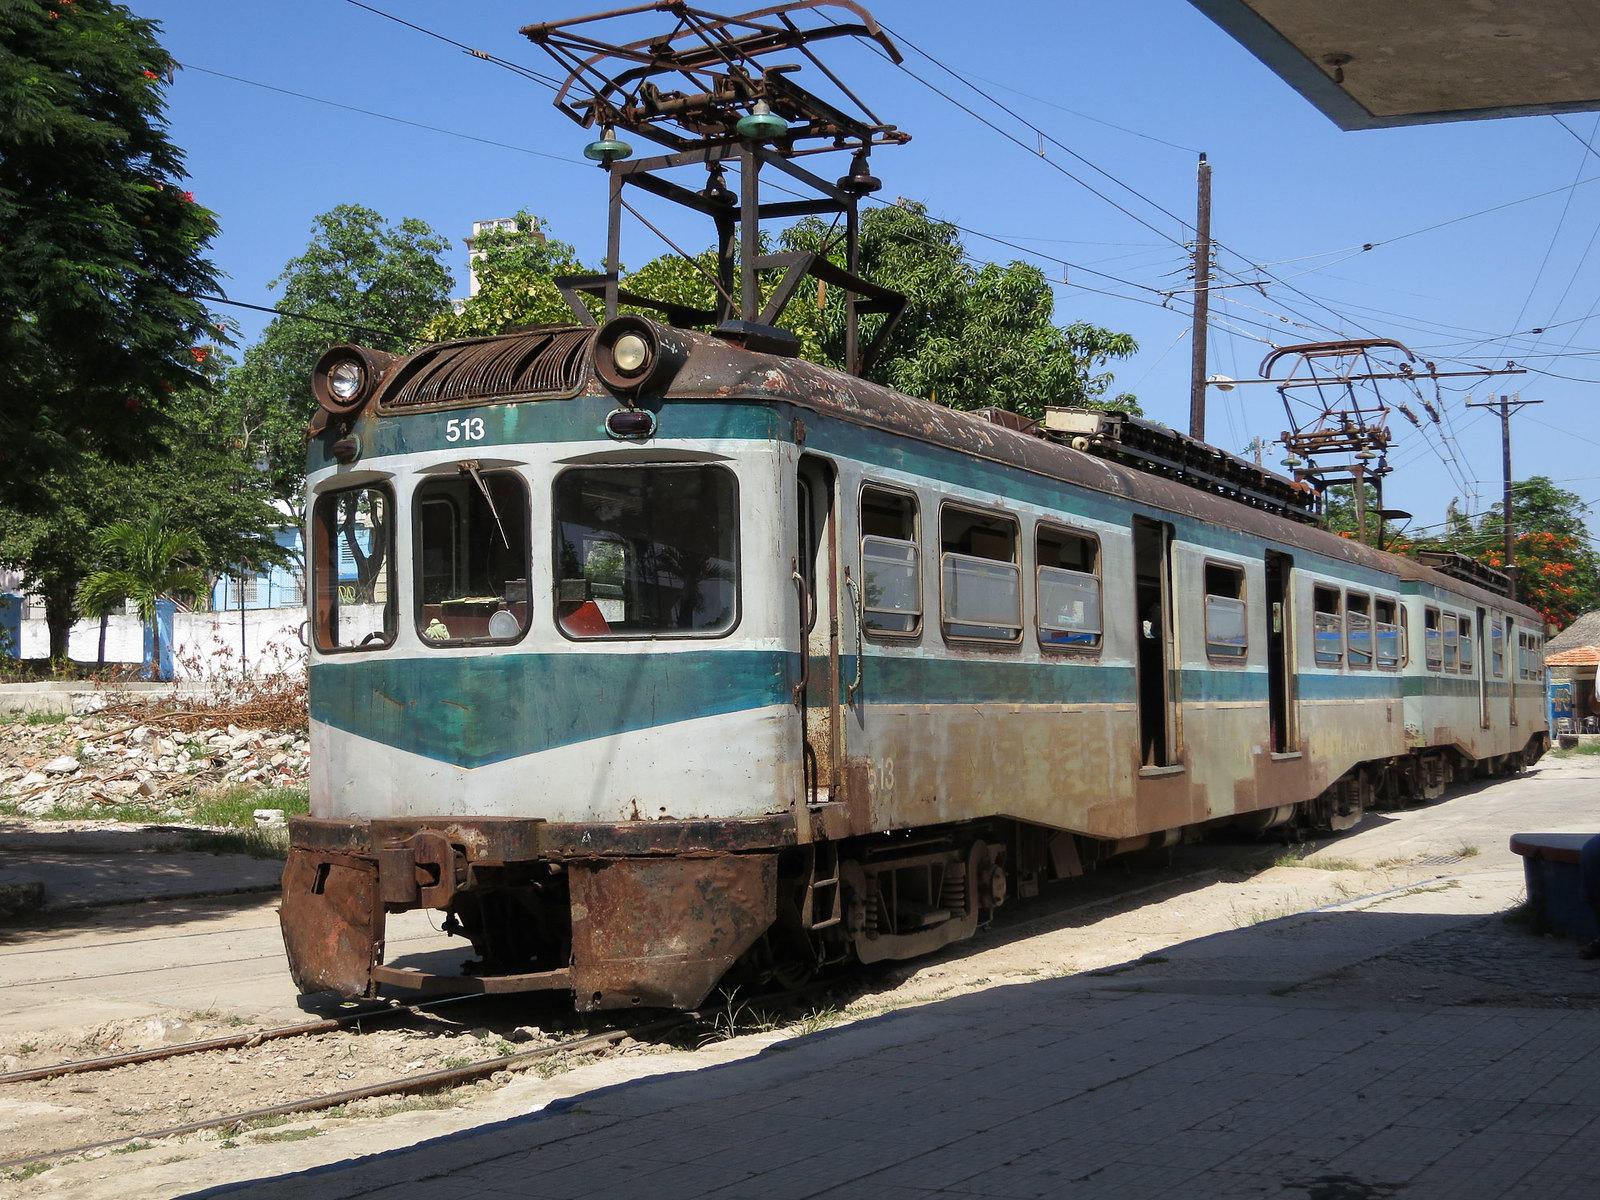 往返古巴卡薩布蘭加(Casablanca)的 Hershey 鐵路公司電氣化火車。(圖/marcel601 (CC BY-NC 2.0)